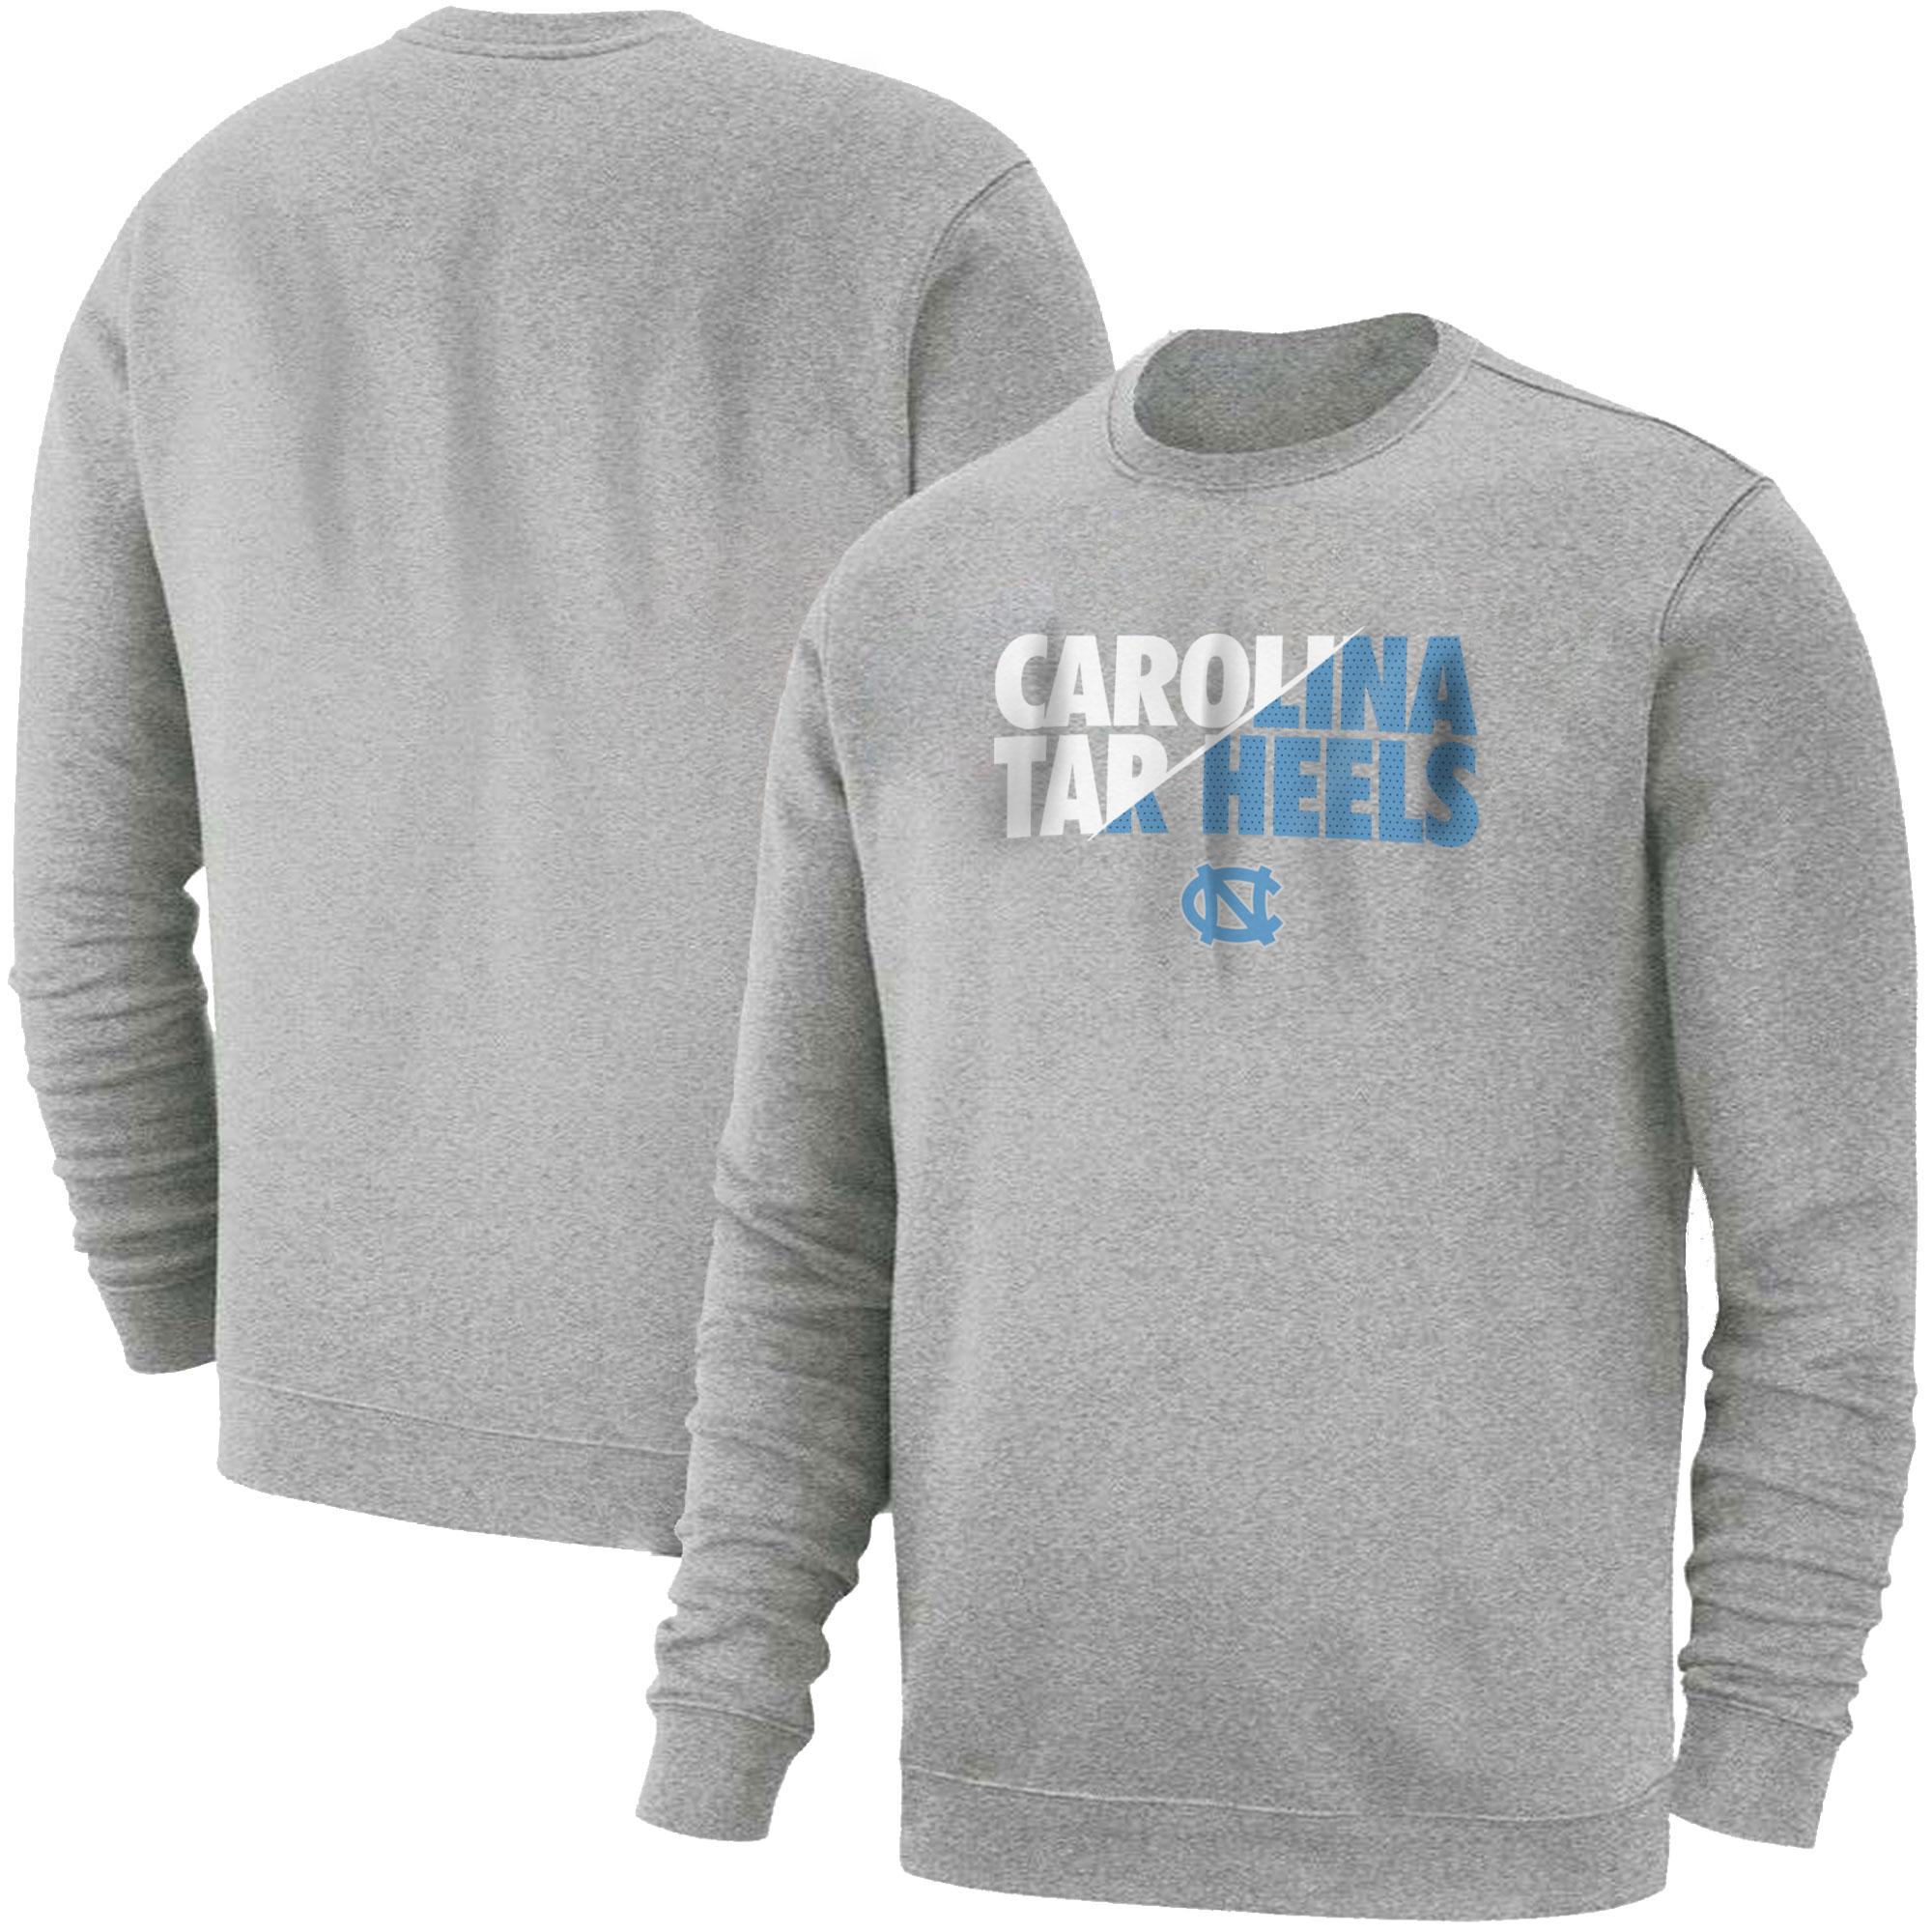 Carolina Tar Heels Basic (BSC-GRY-486-NCAA-CAROLINA-HEELS)